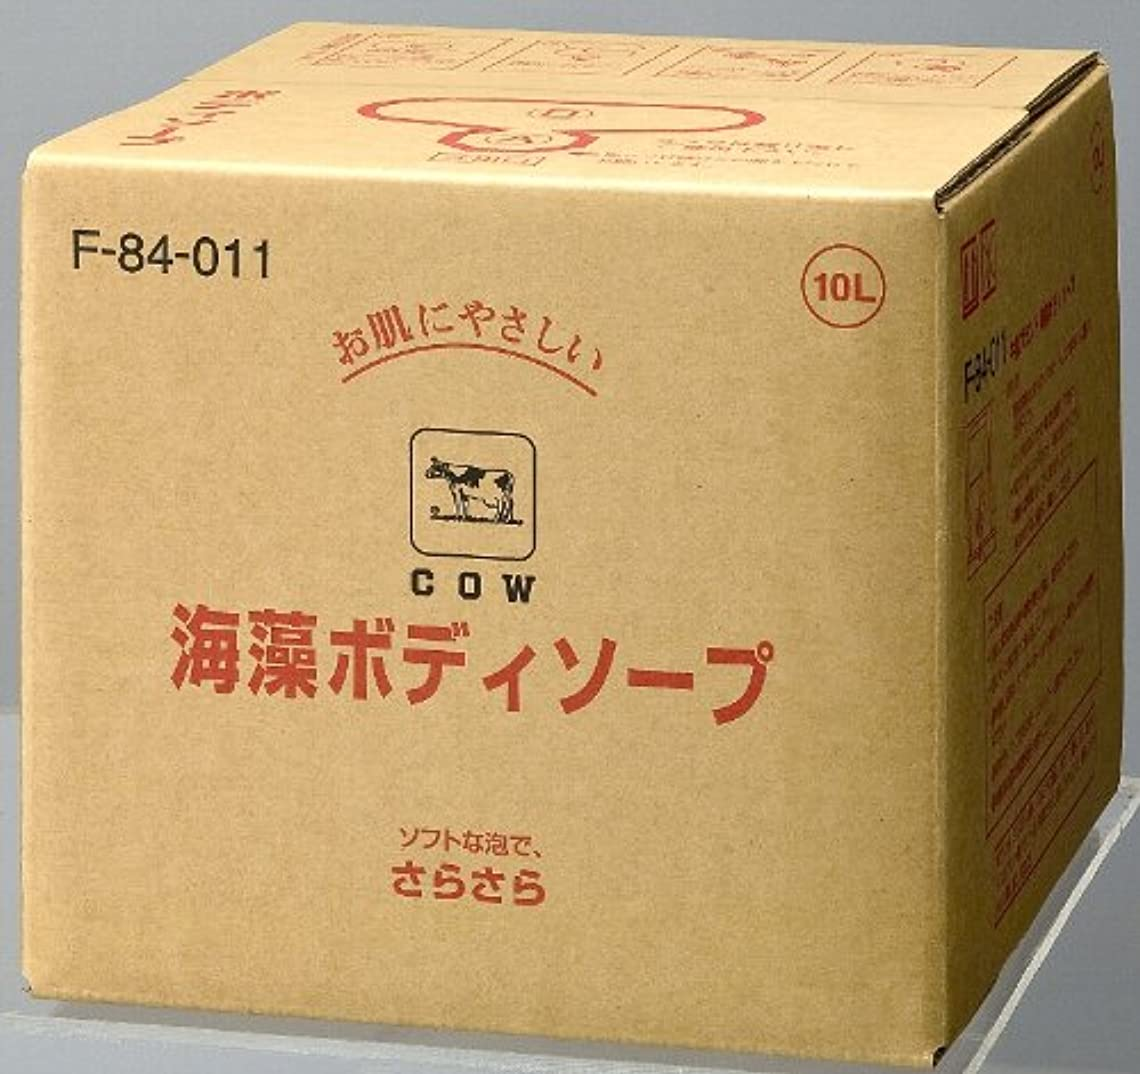 退化するポンドシルク【業務用】カウブランド海藻ボディソープ 10L